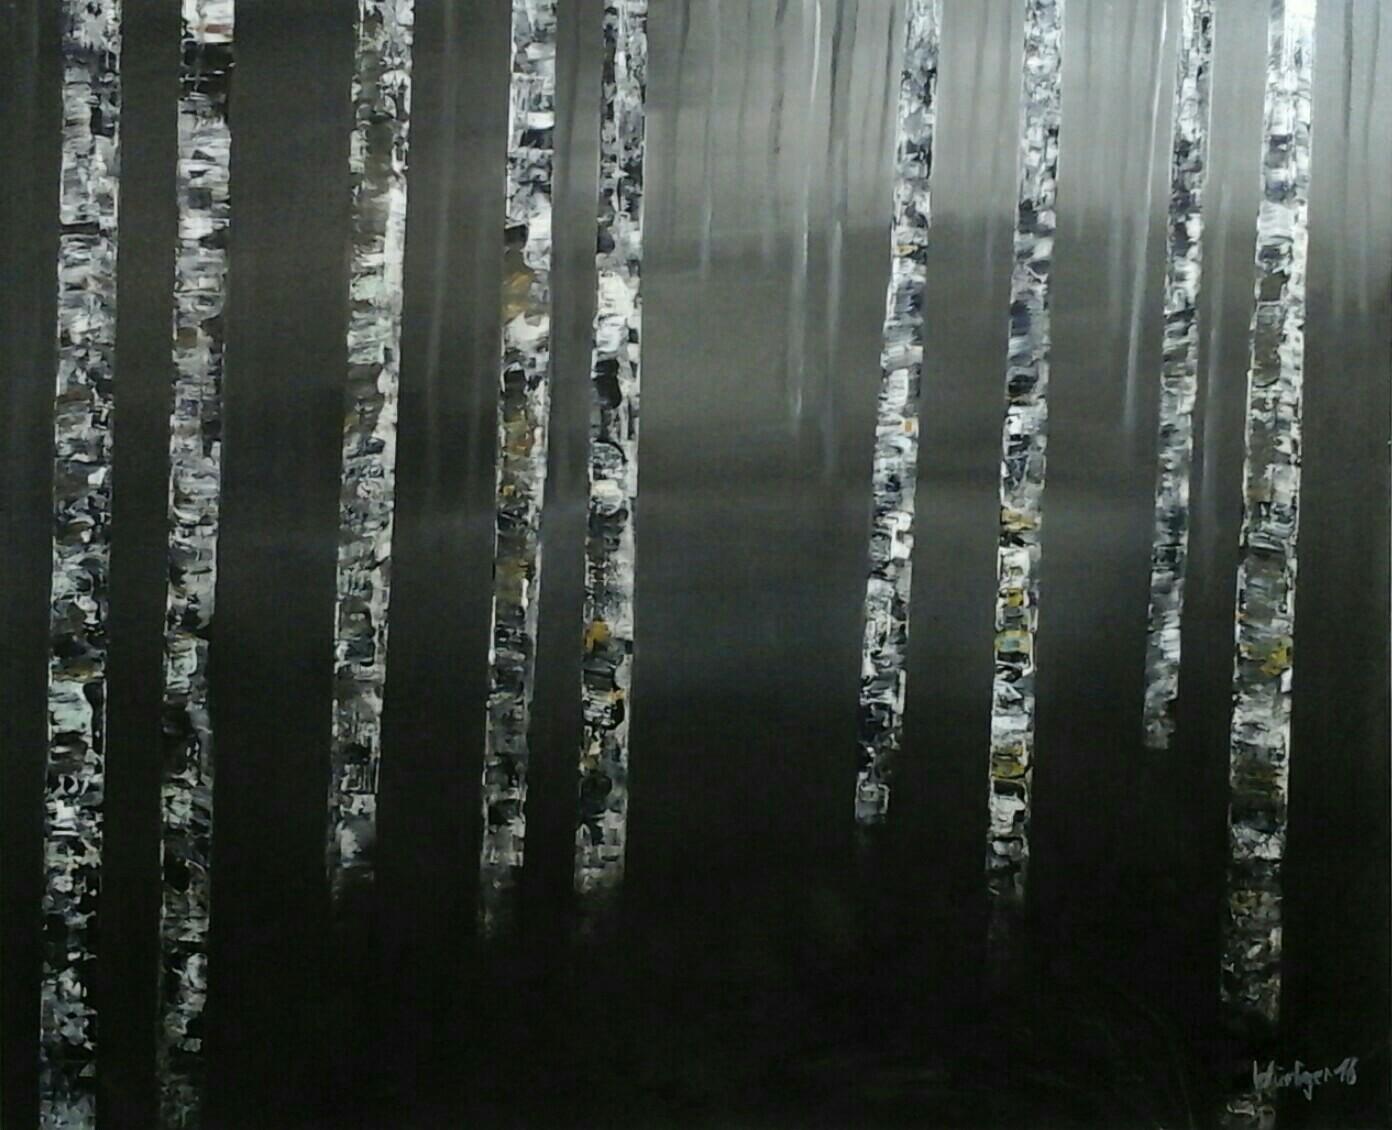 Birkenwald 3, 2016